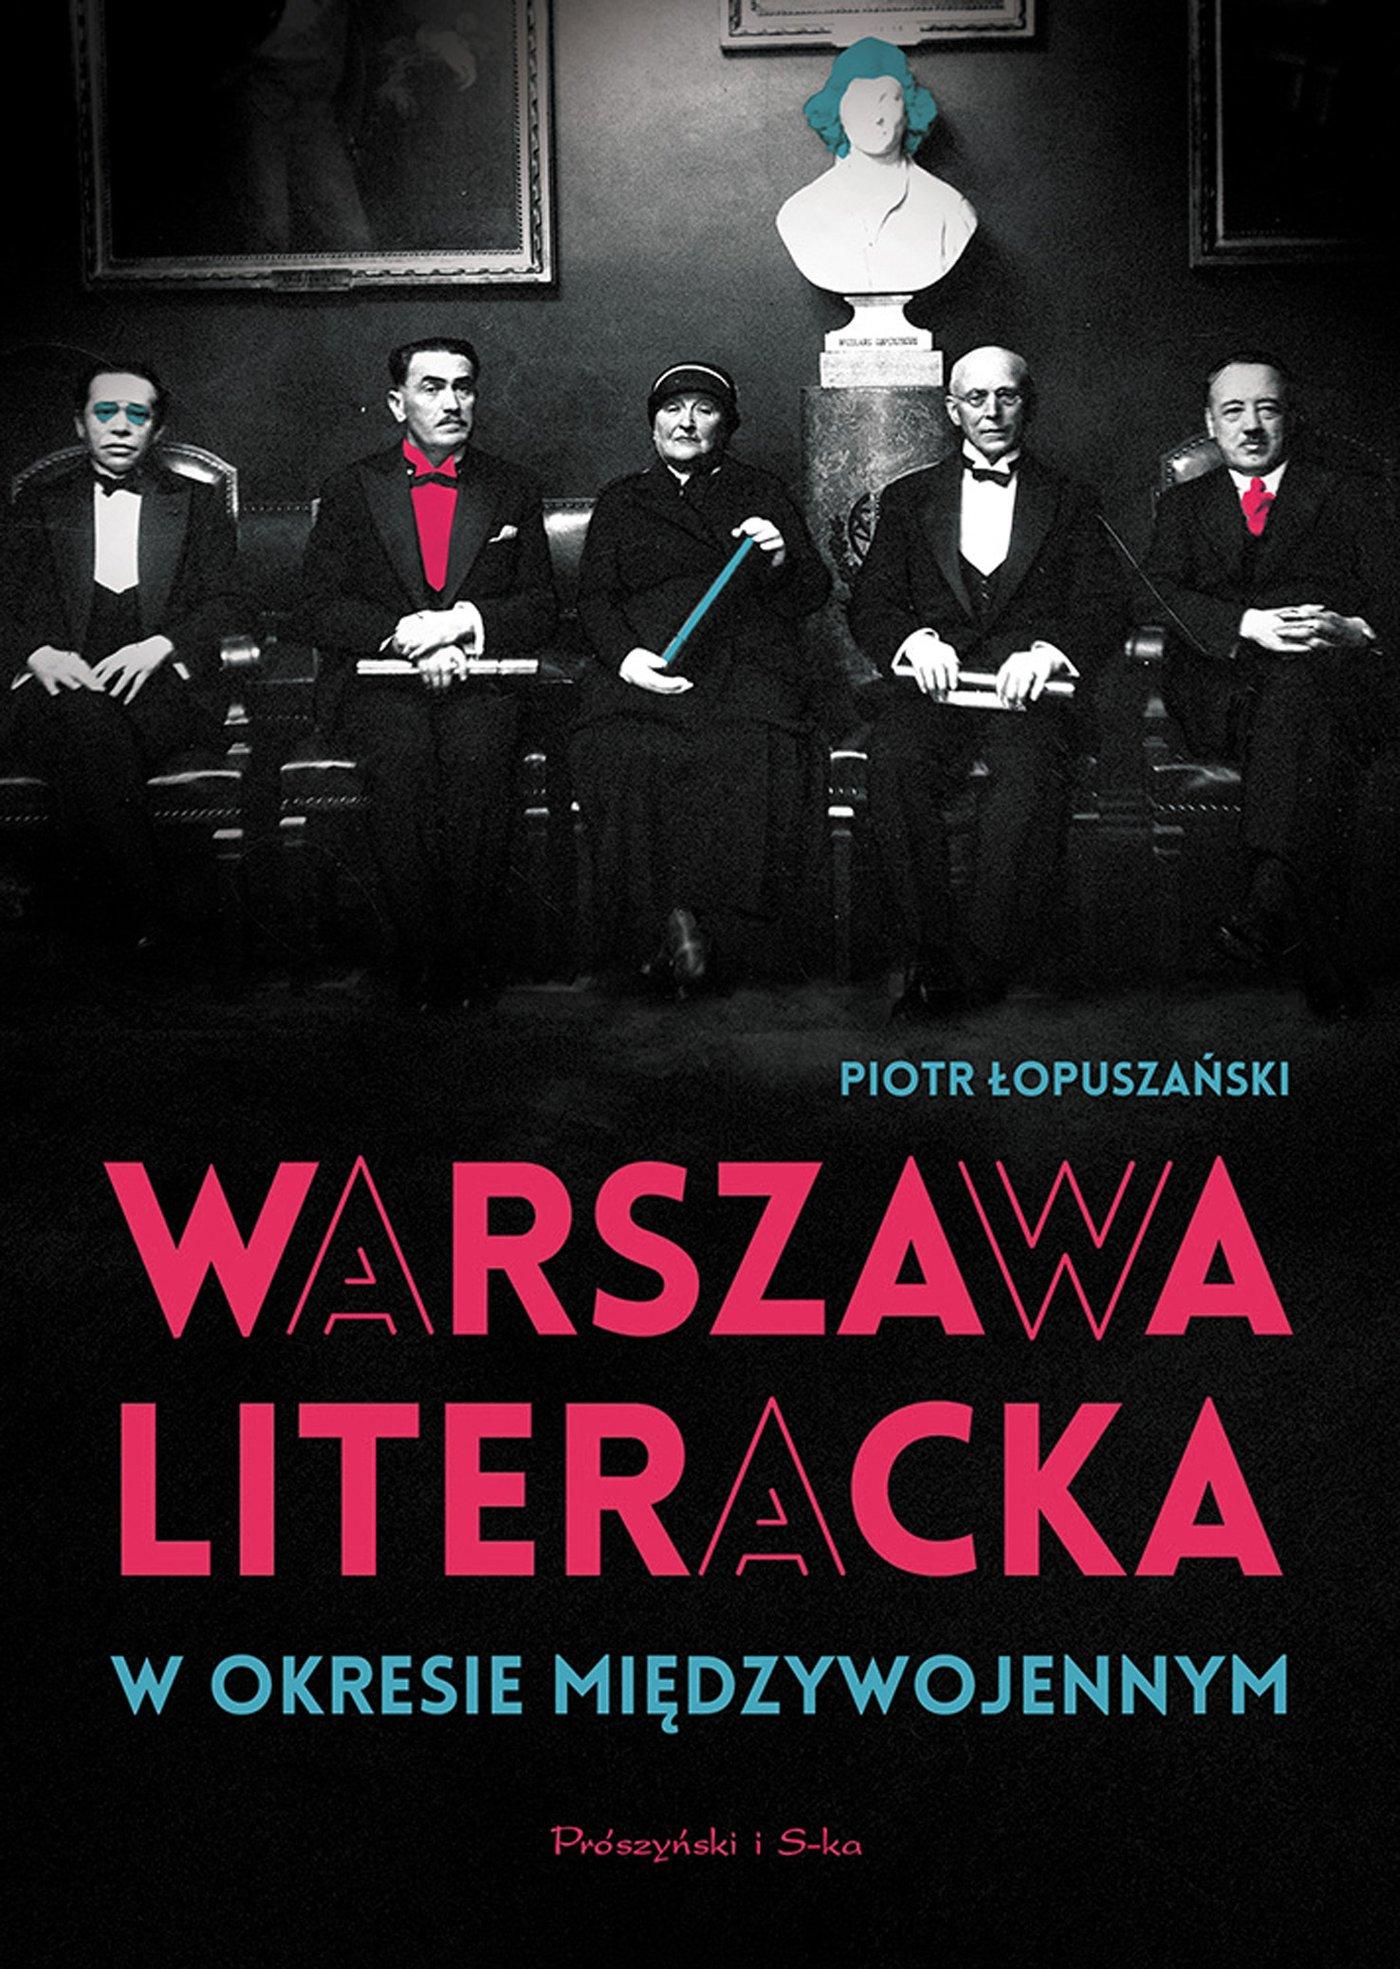 Warszawa literacka w okresie międzywojennym - Ebook (Książka EPUB) do pobrania w formacie EPUB